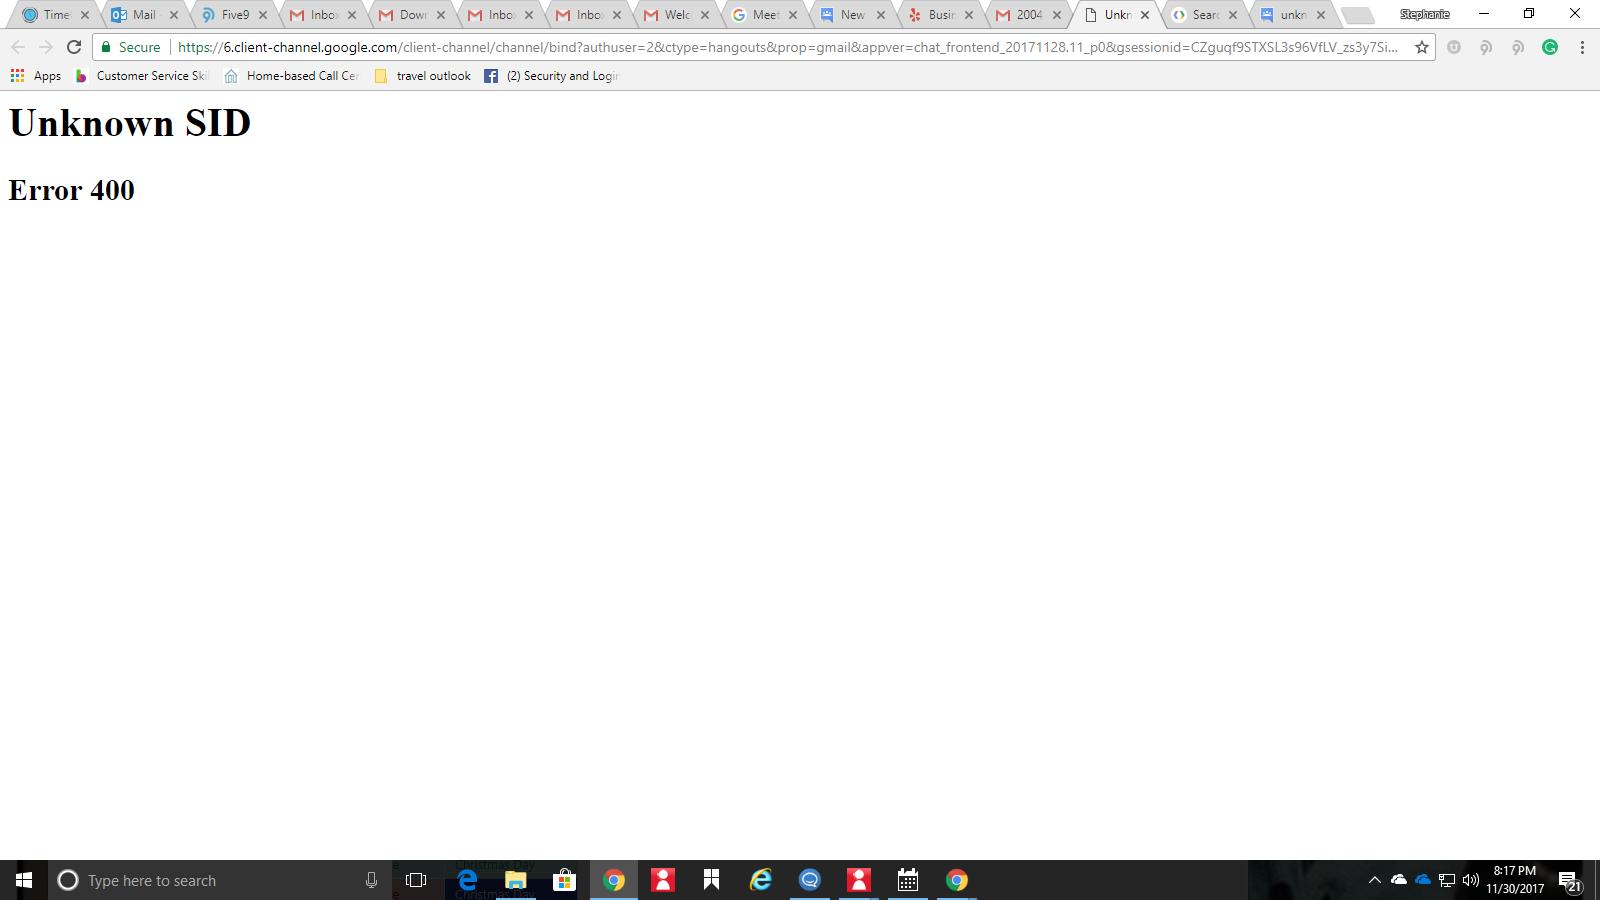 Unknown SID error 400 - Gmail Help